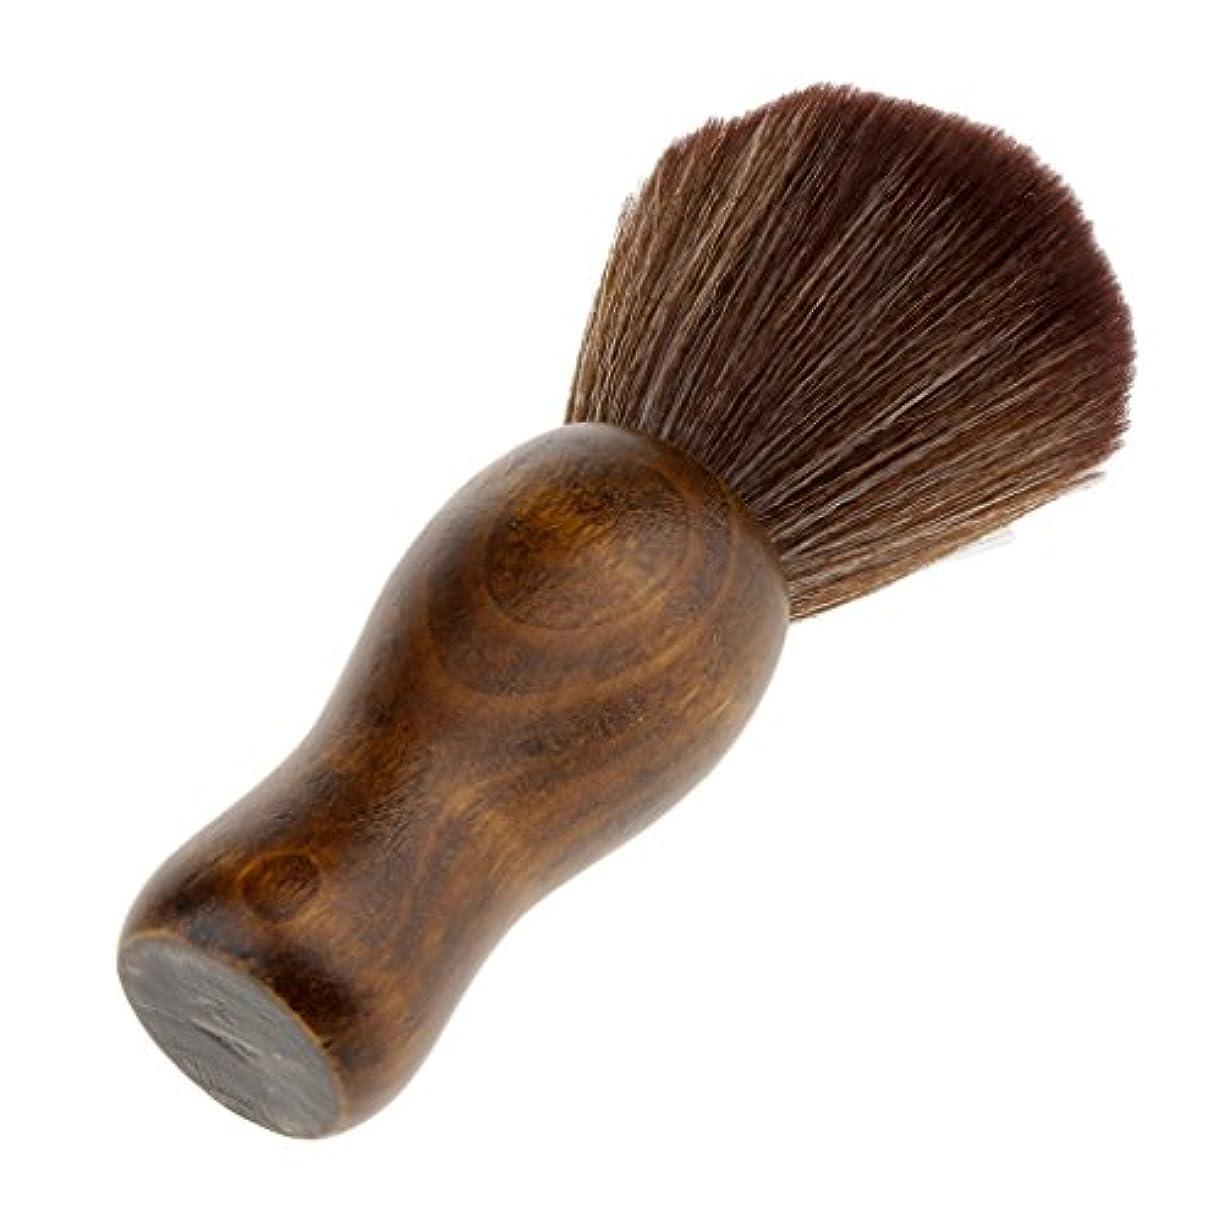 あご倒錯タフシェービングブラシ ソフトファイバー シェービング ブラシ 化粧ブラシ ルースパウダー メイクブラシ 木製 2色選べる - 褐色